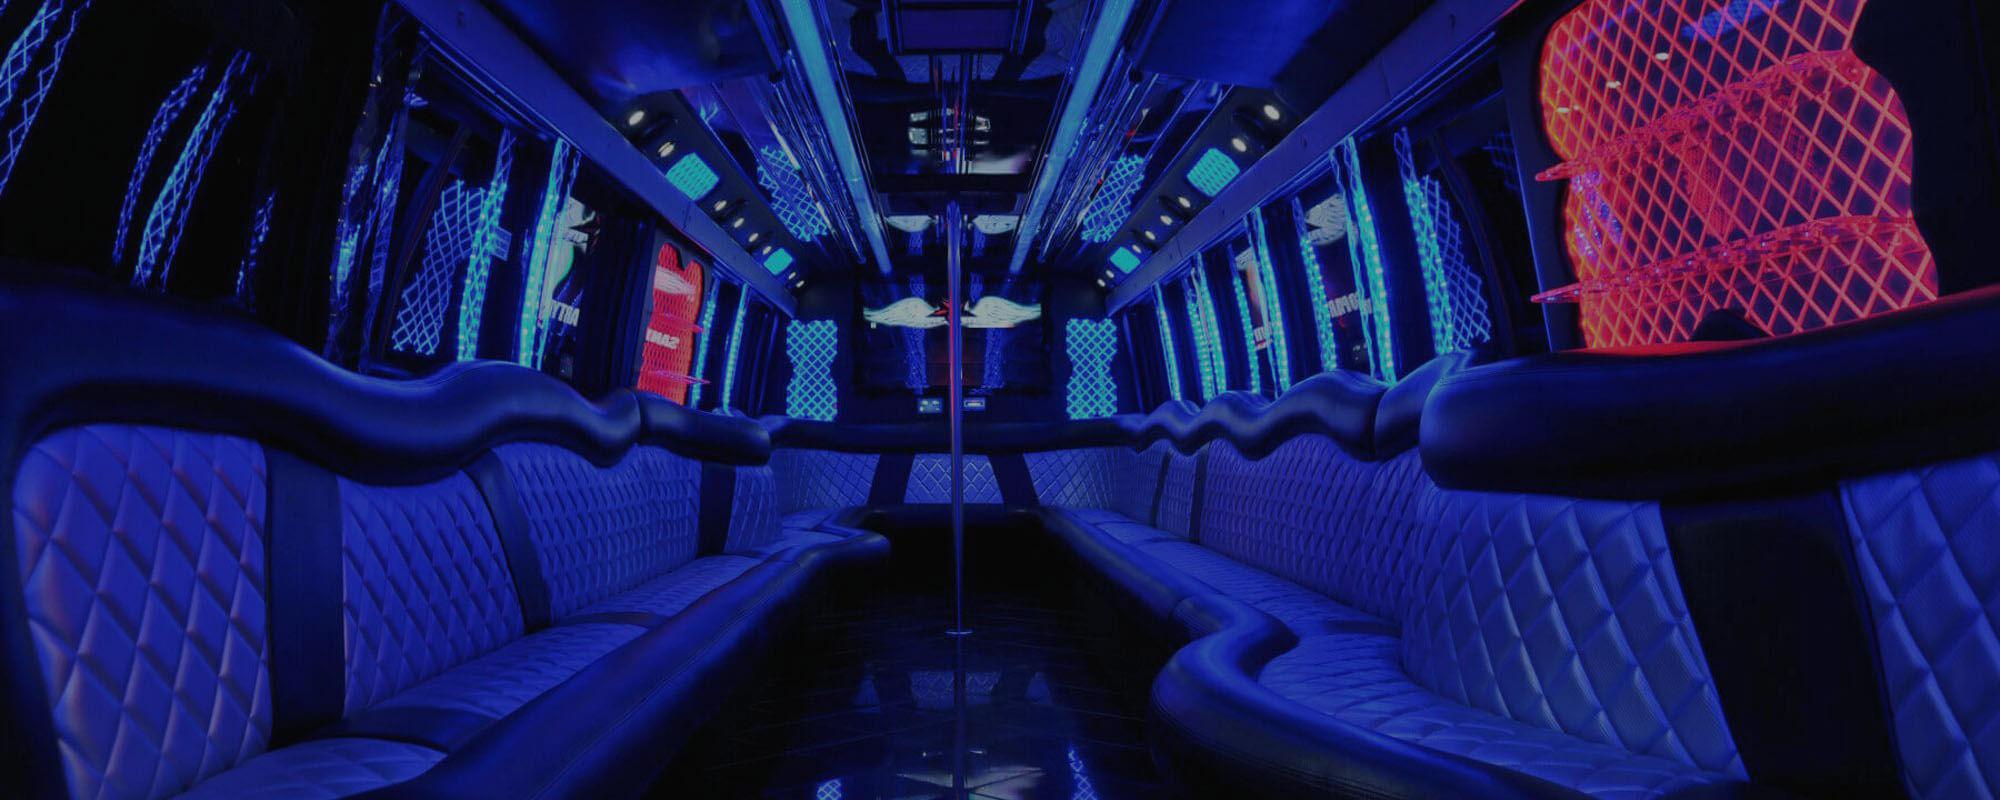 #1 Party Bus in Orlando